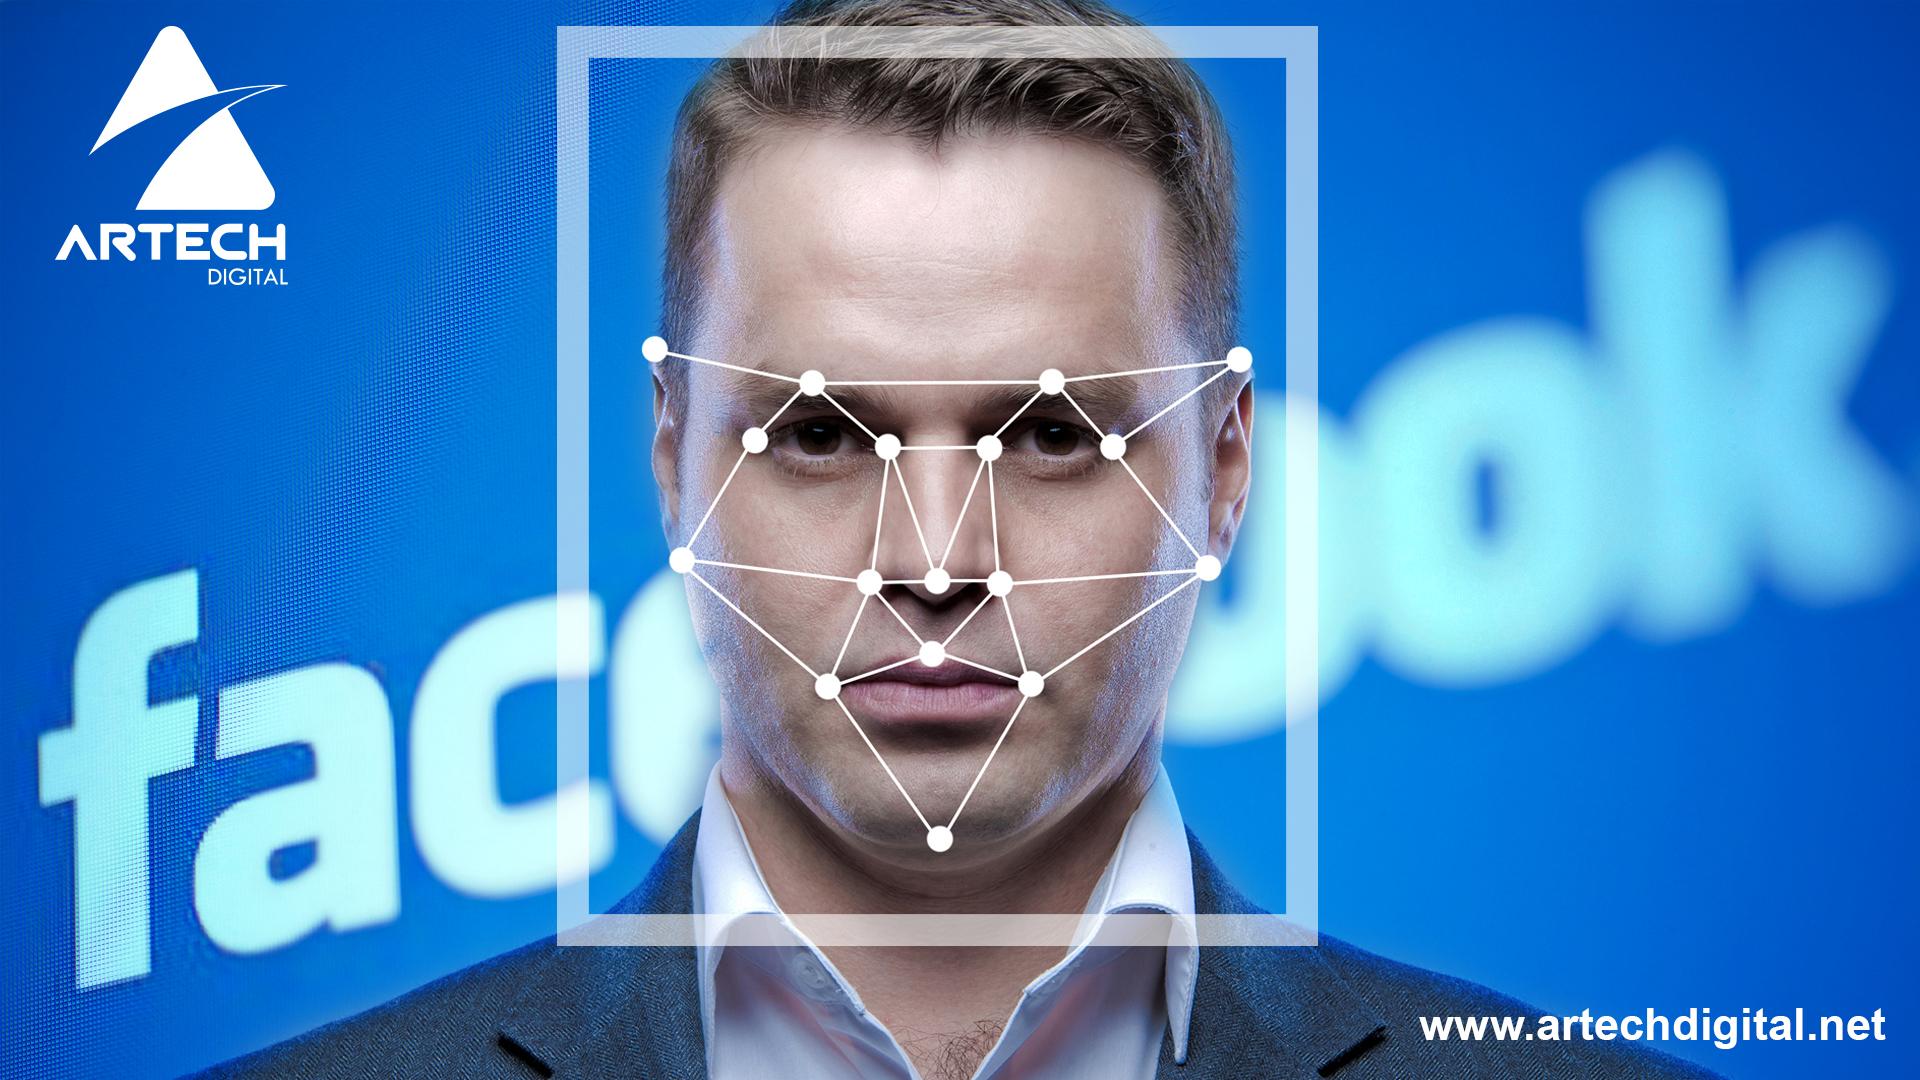 Reconocimiento Facial - Artech Digital